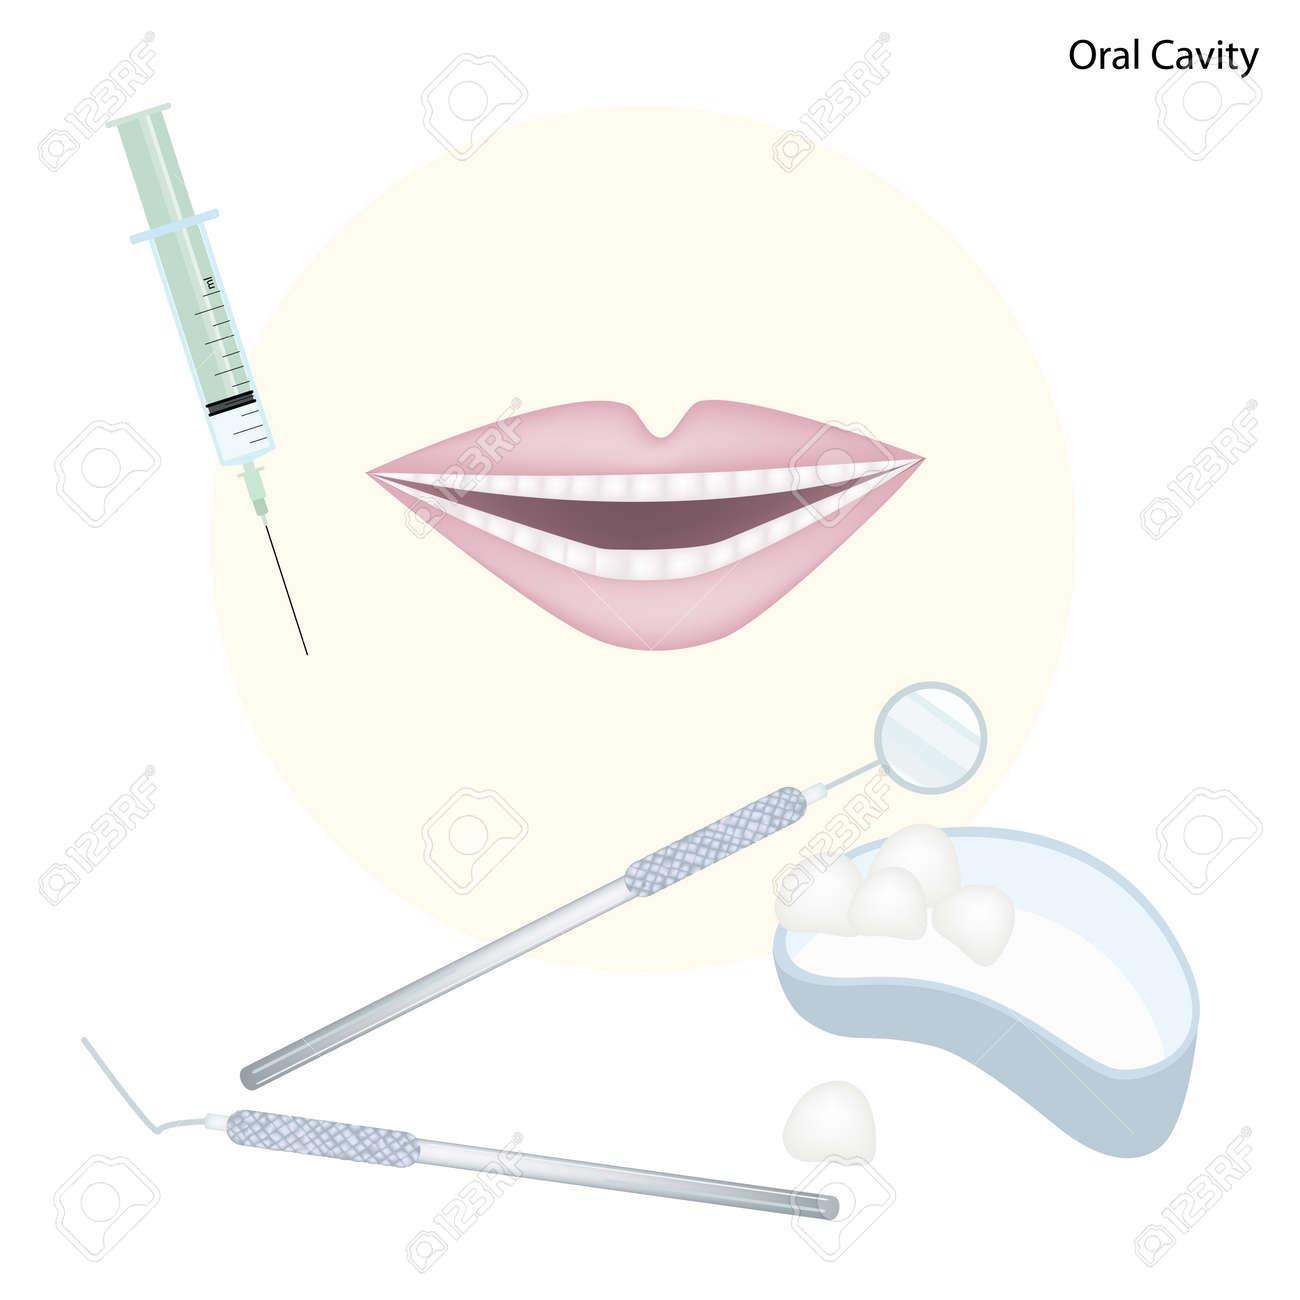 Banque d images - Concept médicale, Illustration de dentiste Outils pour  les soins dentaires et la cavité buccale. 733e9639949a